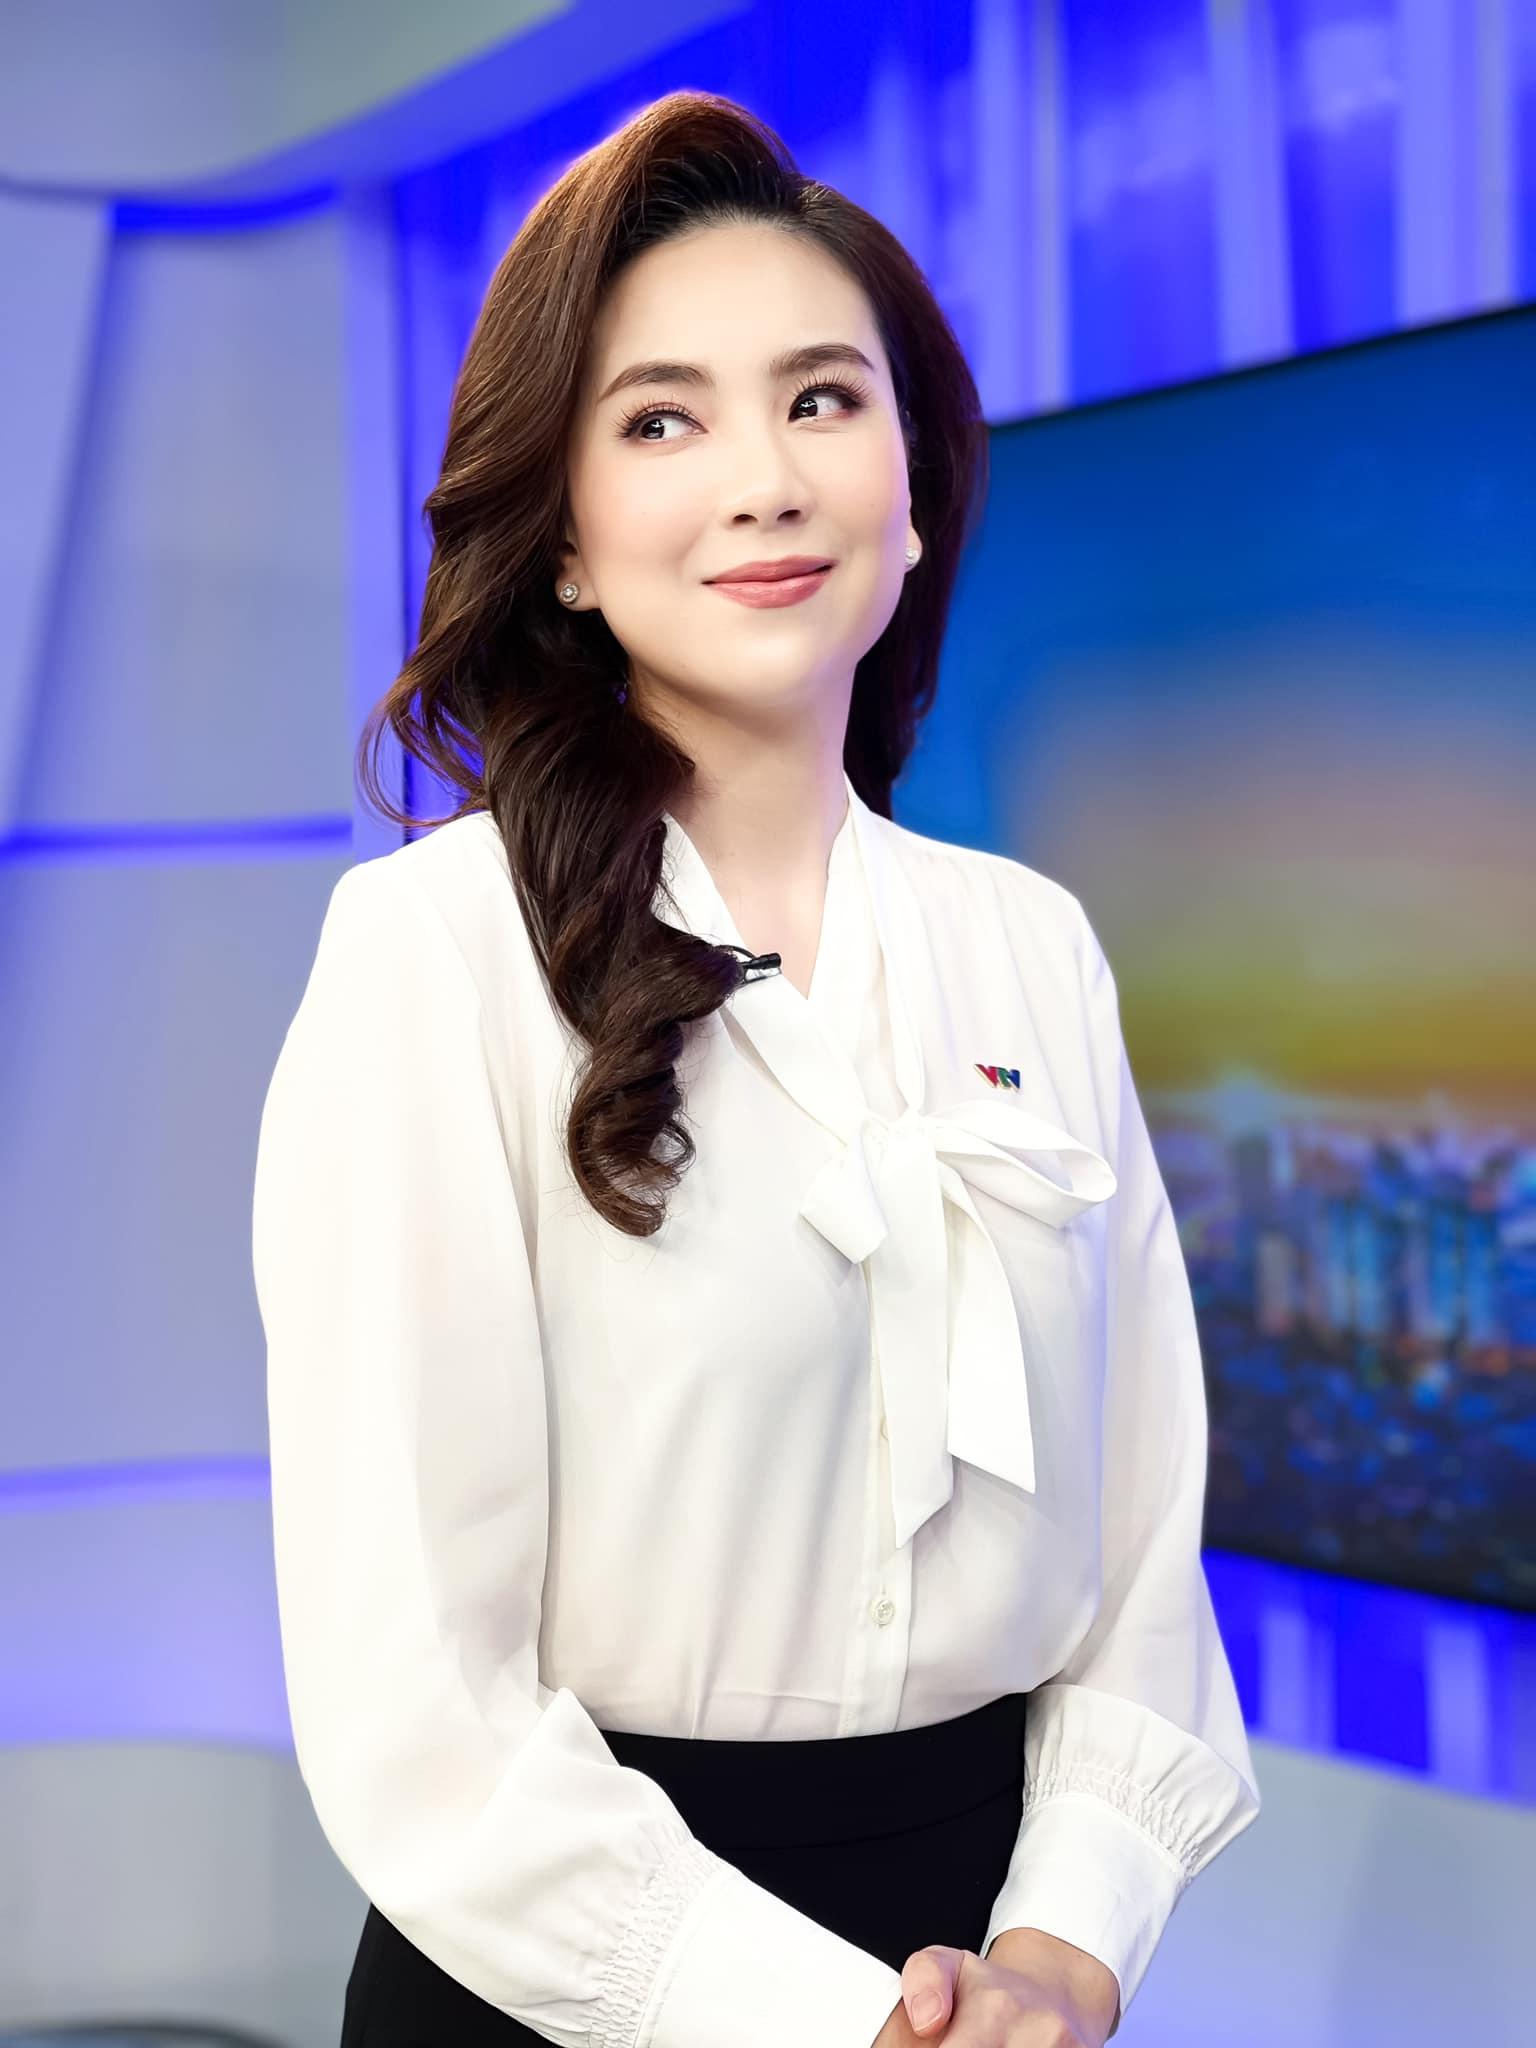 MC Mai Ngọc: Ưu điểm nhan sắc và khuyết điểm makeup nên cẩn trọng khi học theo - Ảnh 11.